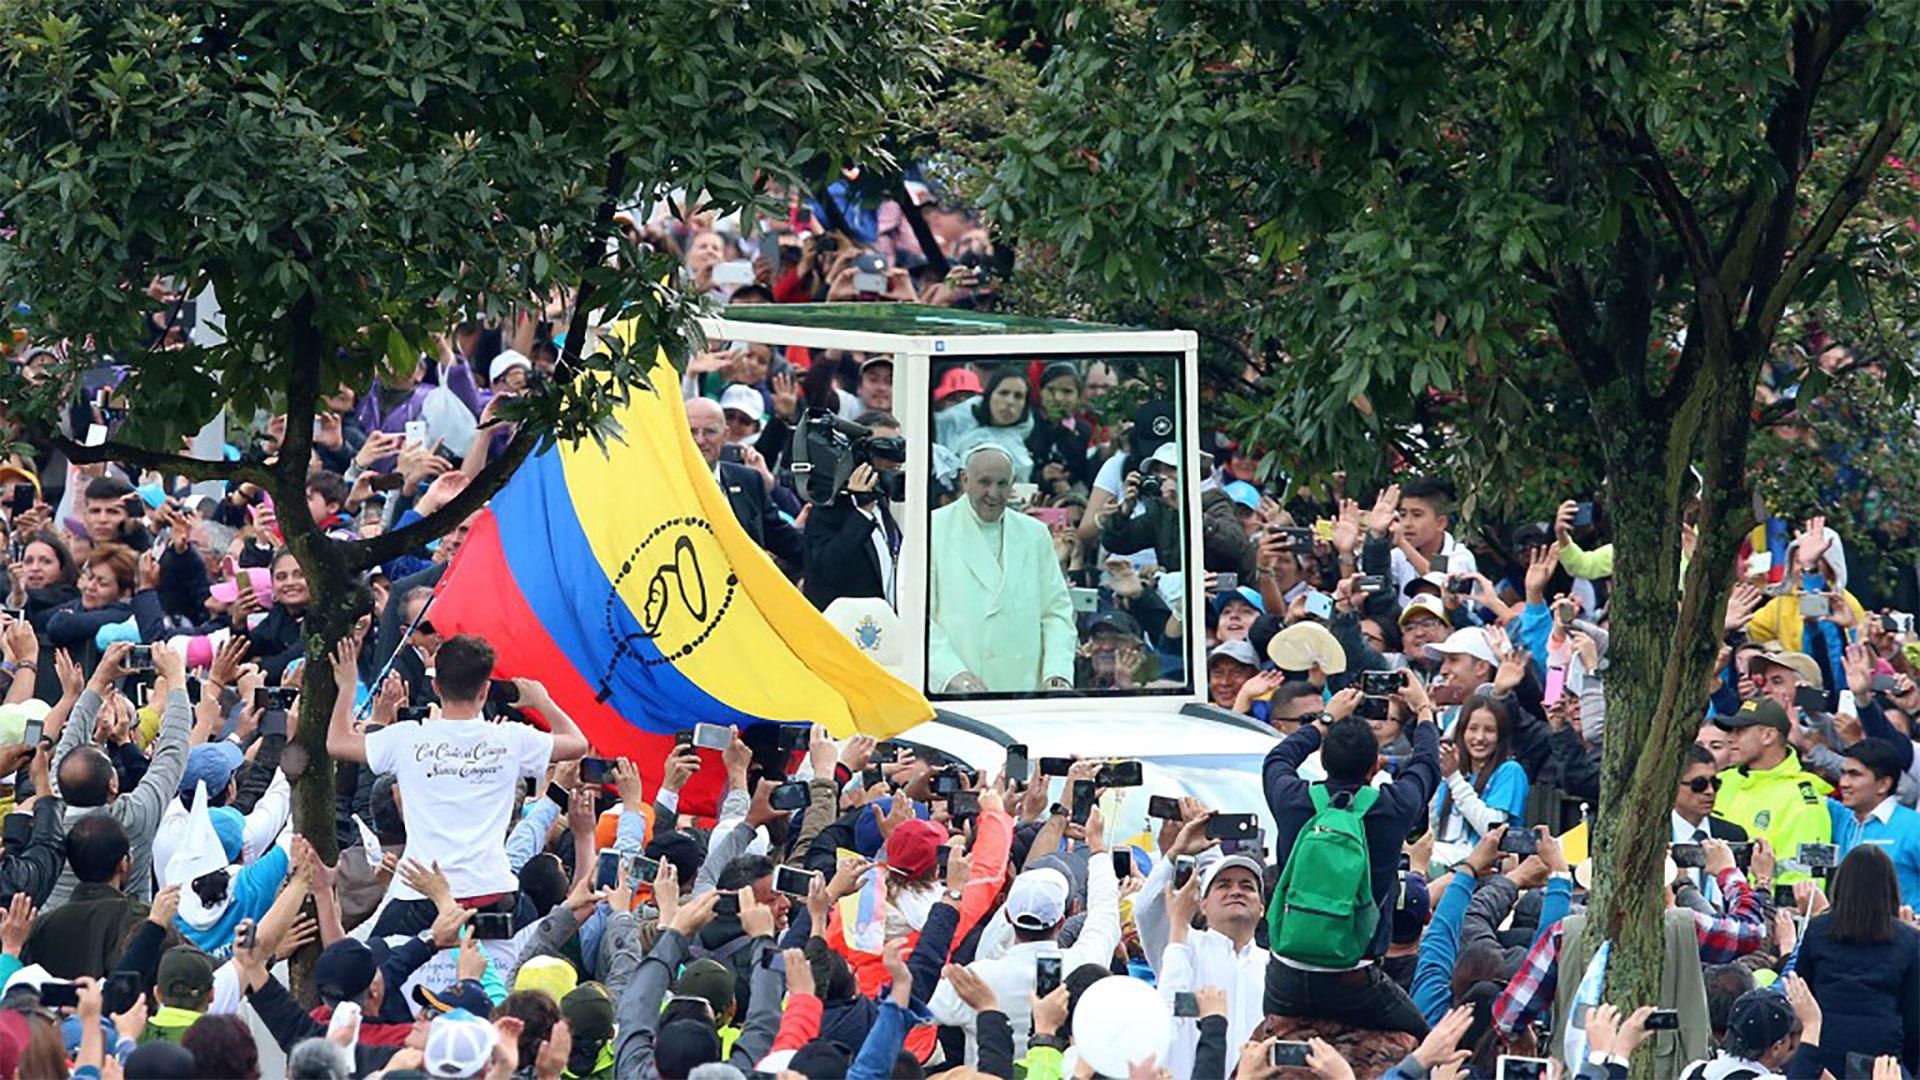 El Papa Francisco llegó al Parque Simón Bolívar en Colombia en el papamóvil ante cientos de miles de fieles